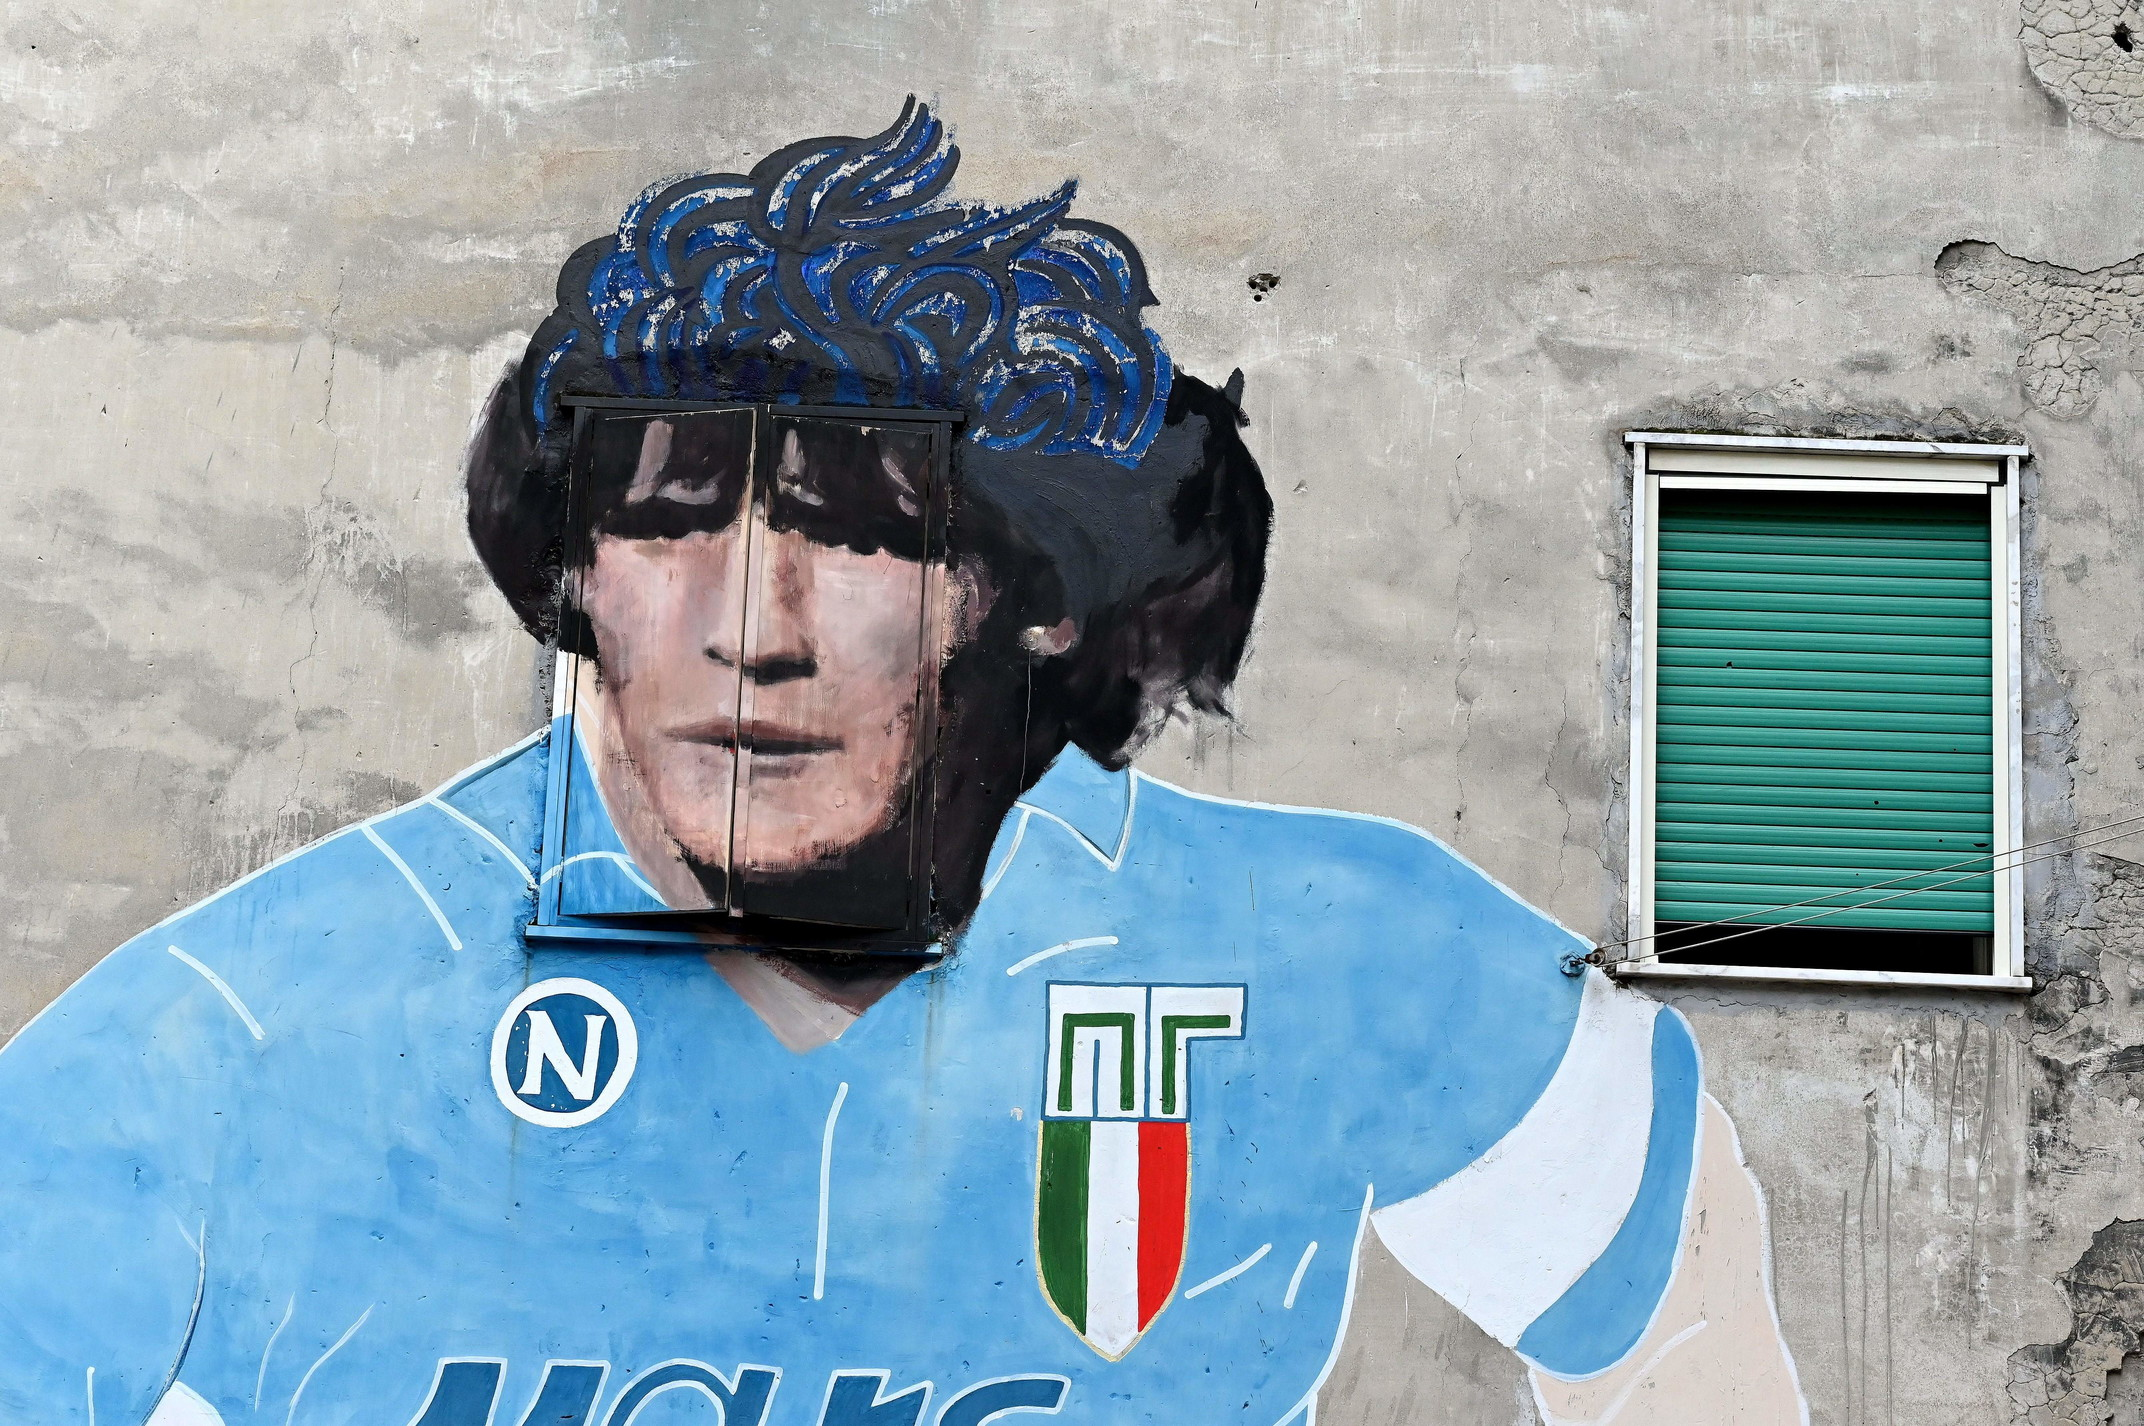 Il celebre murale nei Quartieri Spagnoli di Napoli.